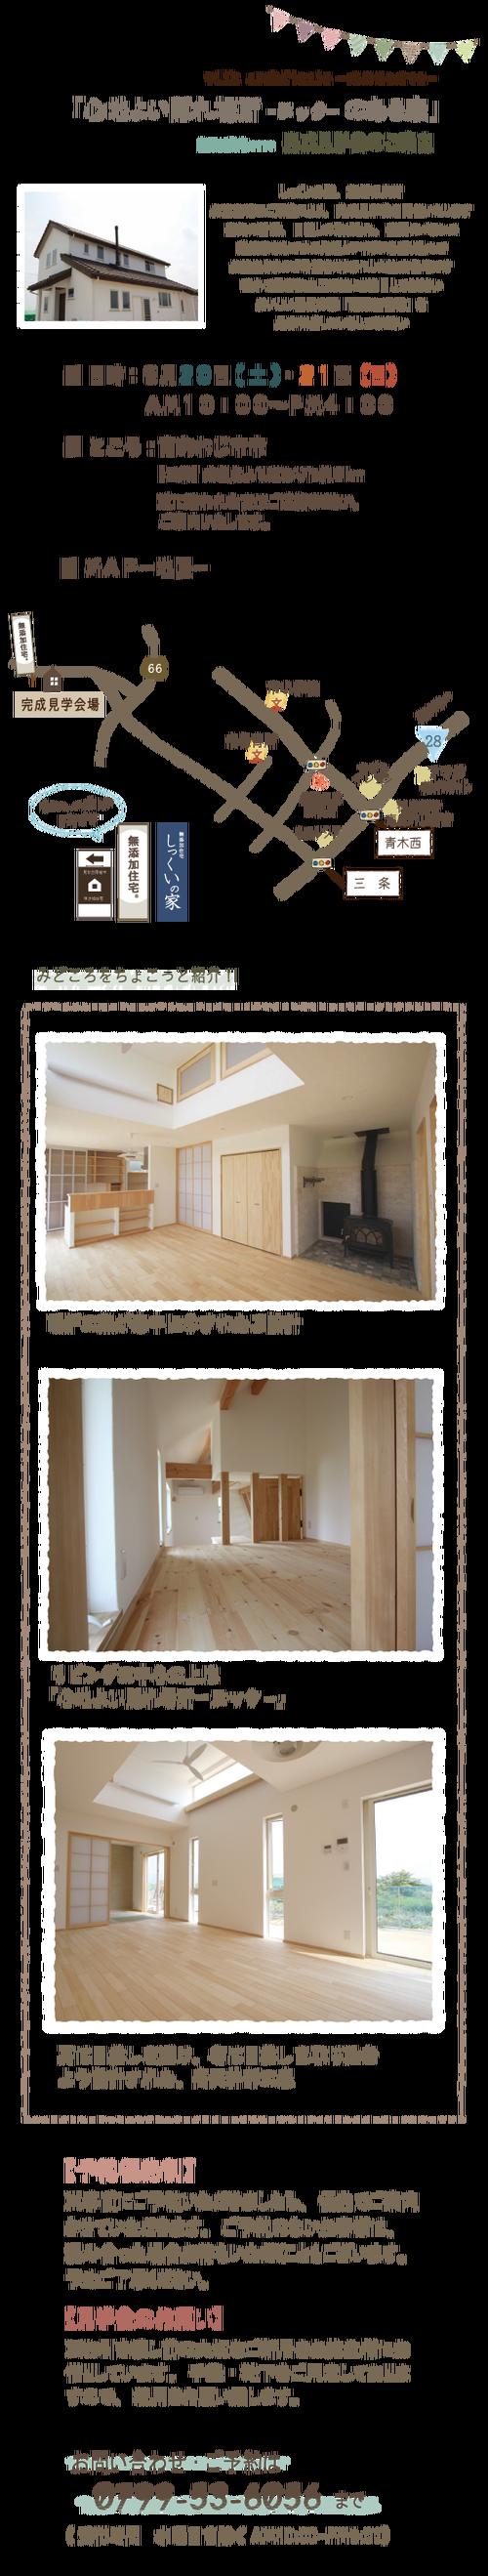 「心地よい隠れ場所-ヌック-のある家」完成見学会のお知らせ